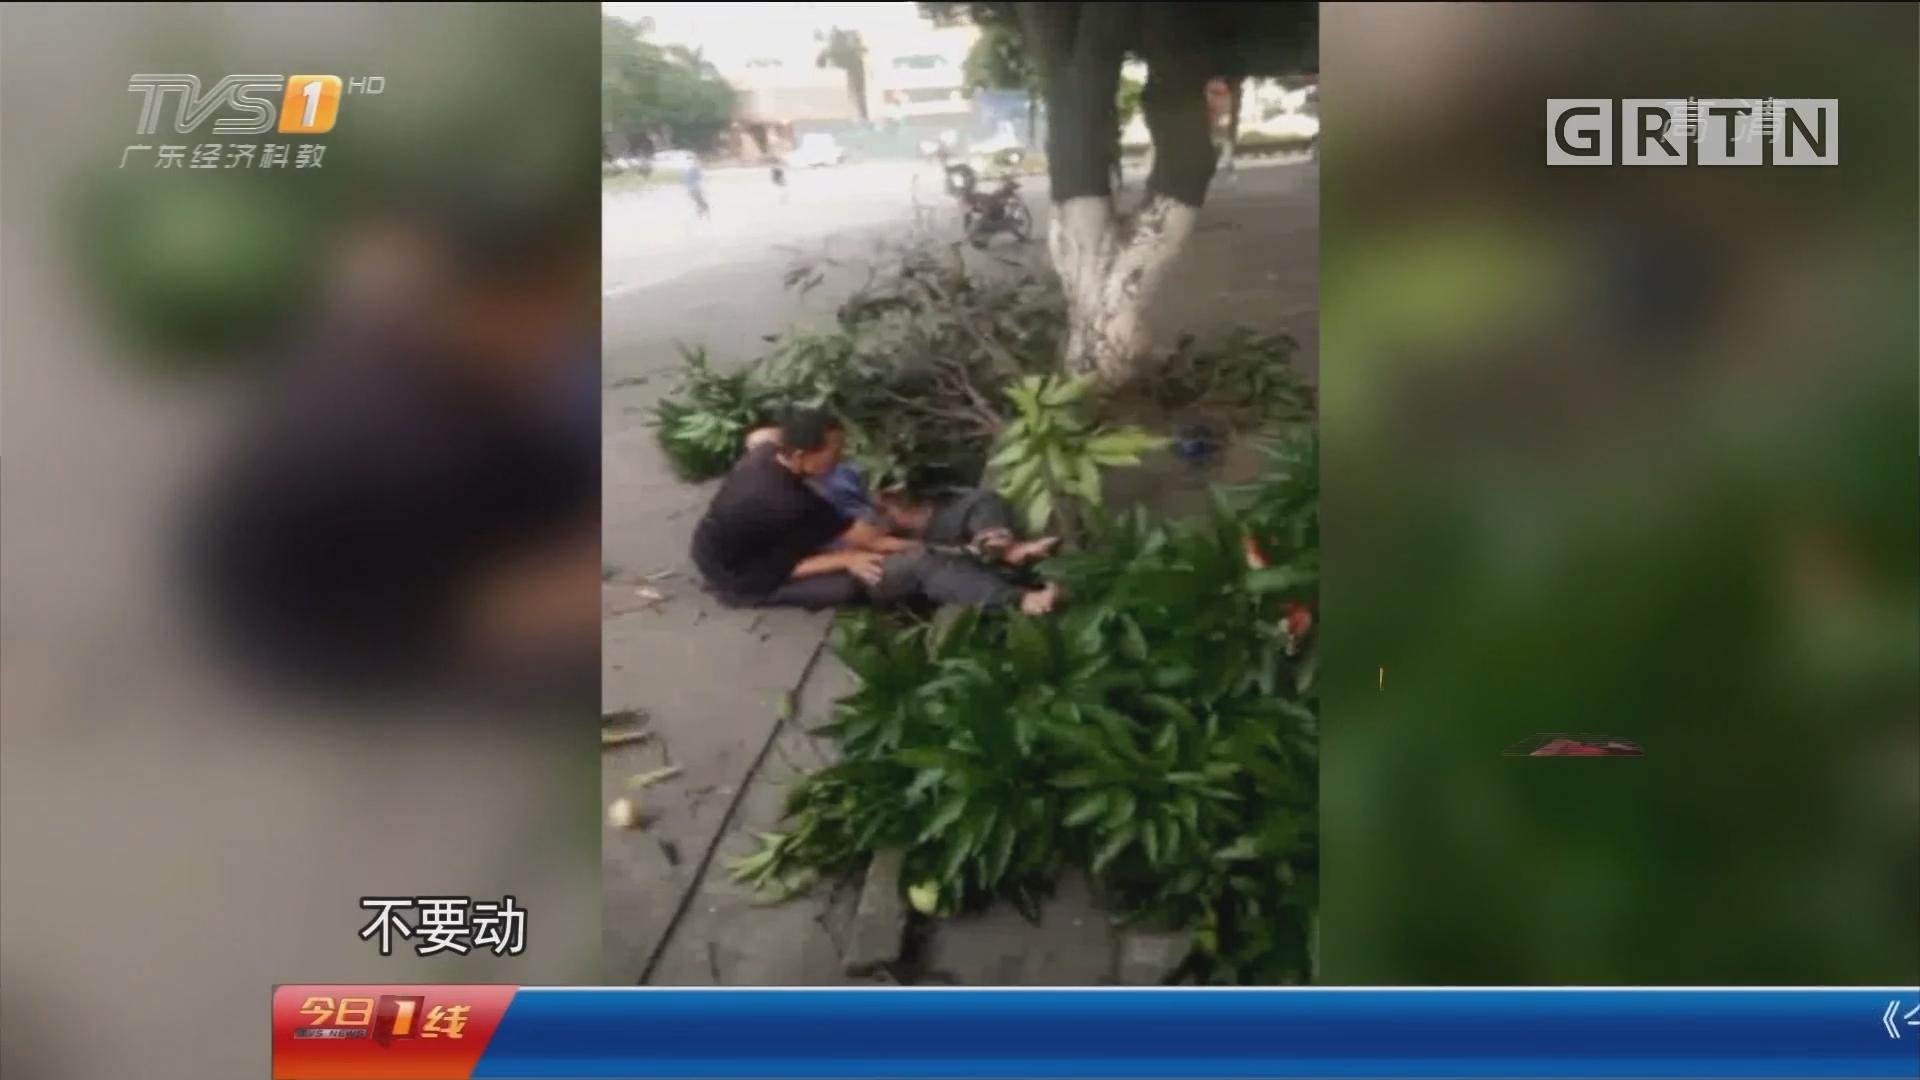 佛山顺德:男子爬树摘绿化芒 高空摔下折了脚